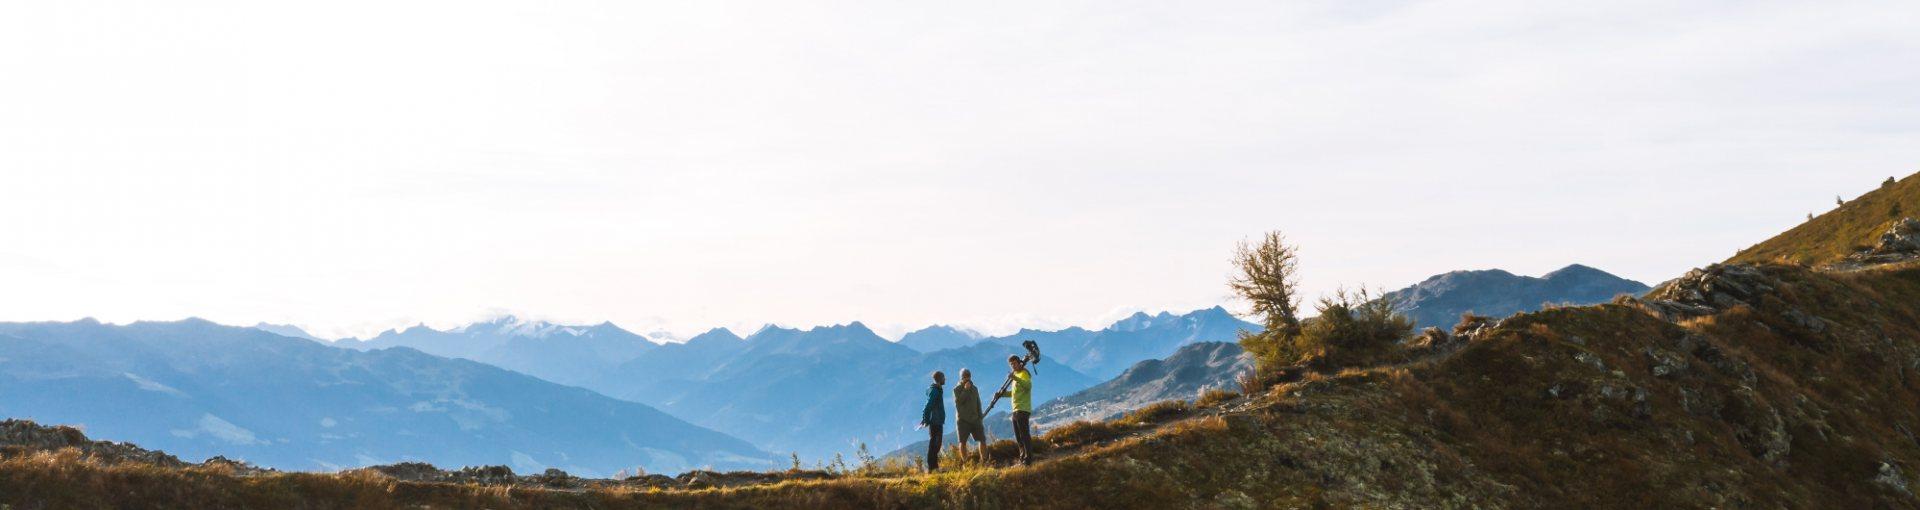 Alpines Meeting © Moritz Klee